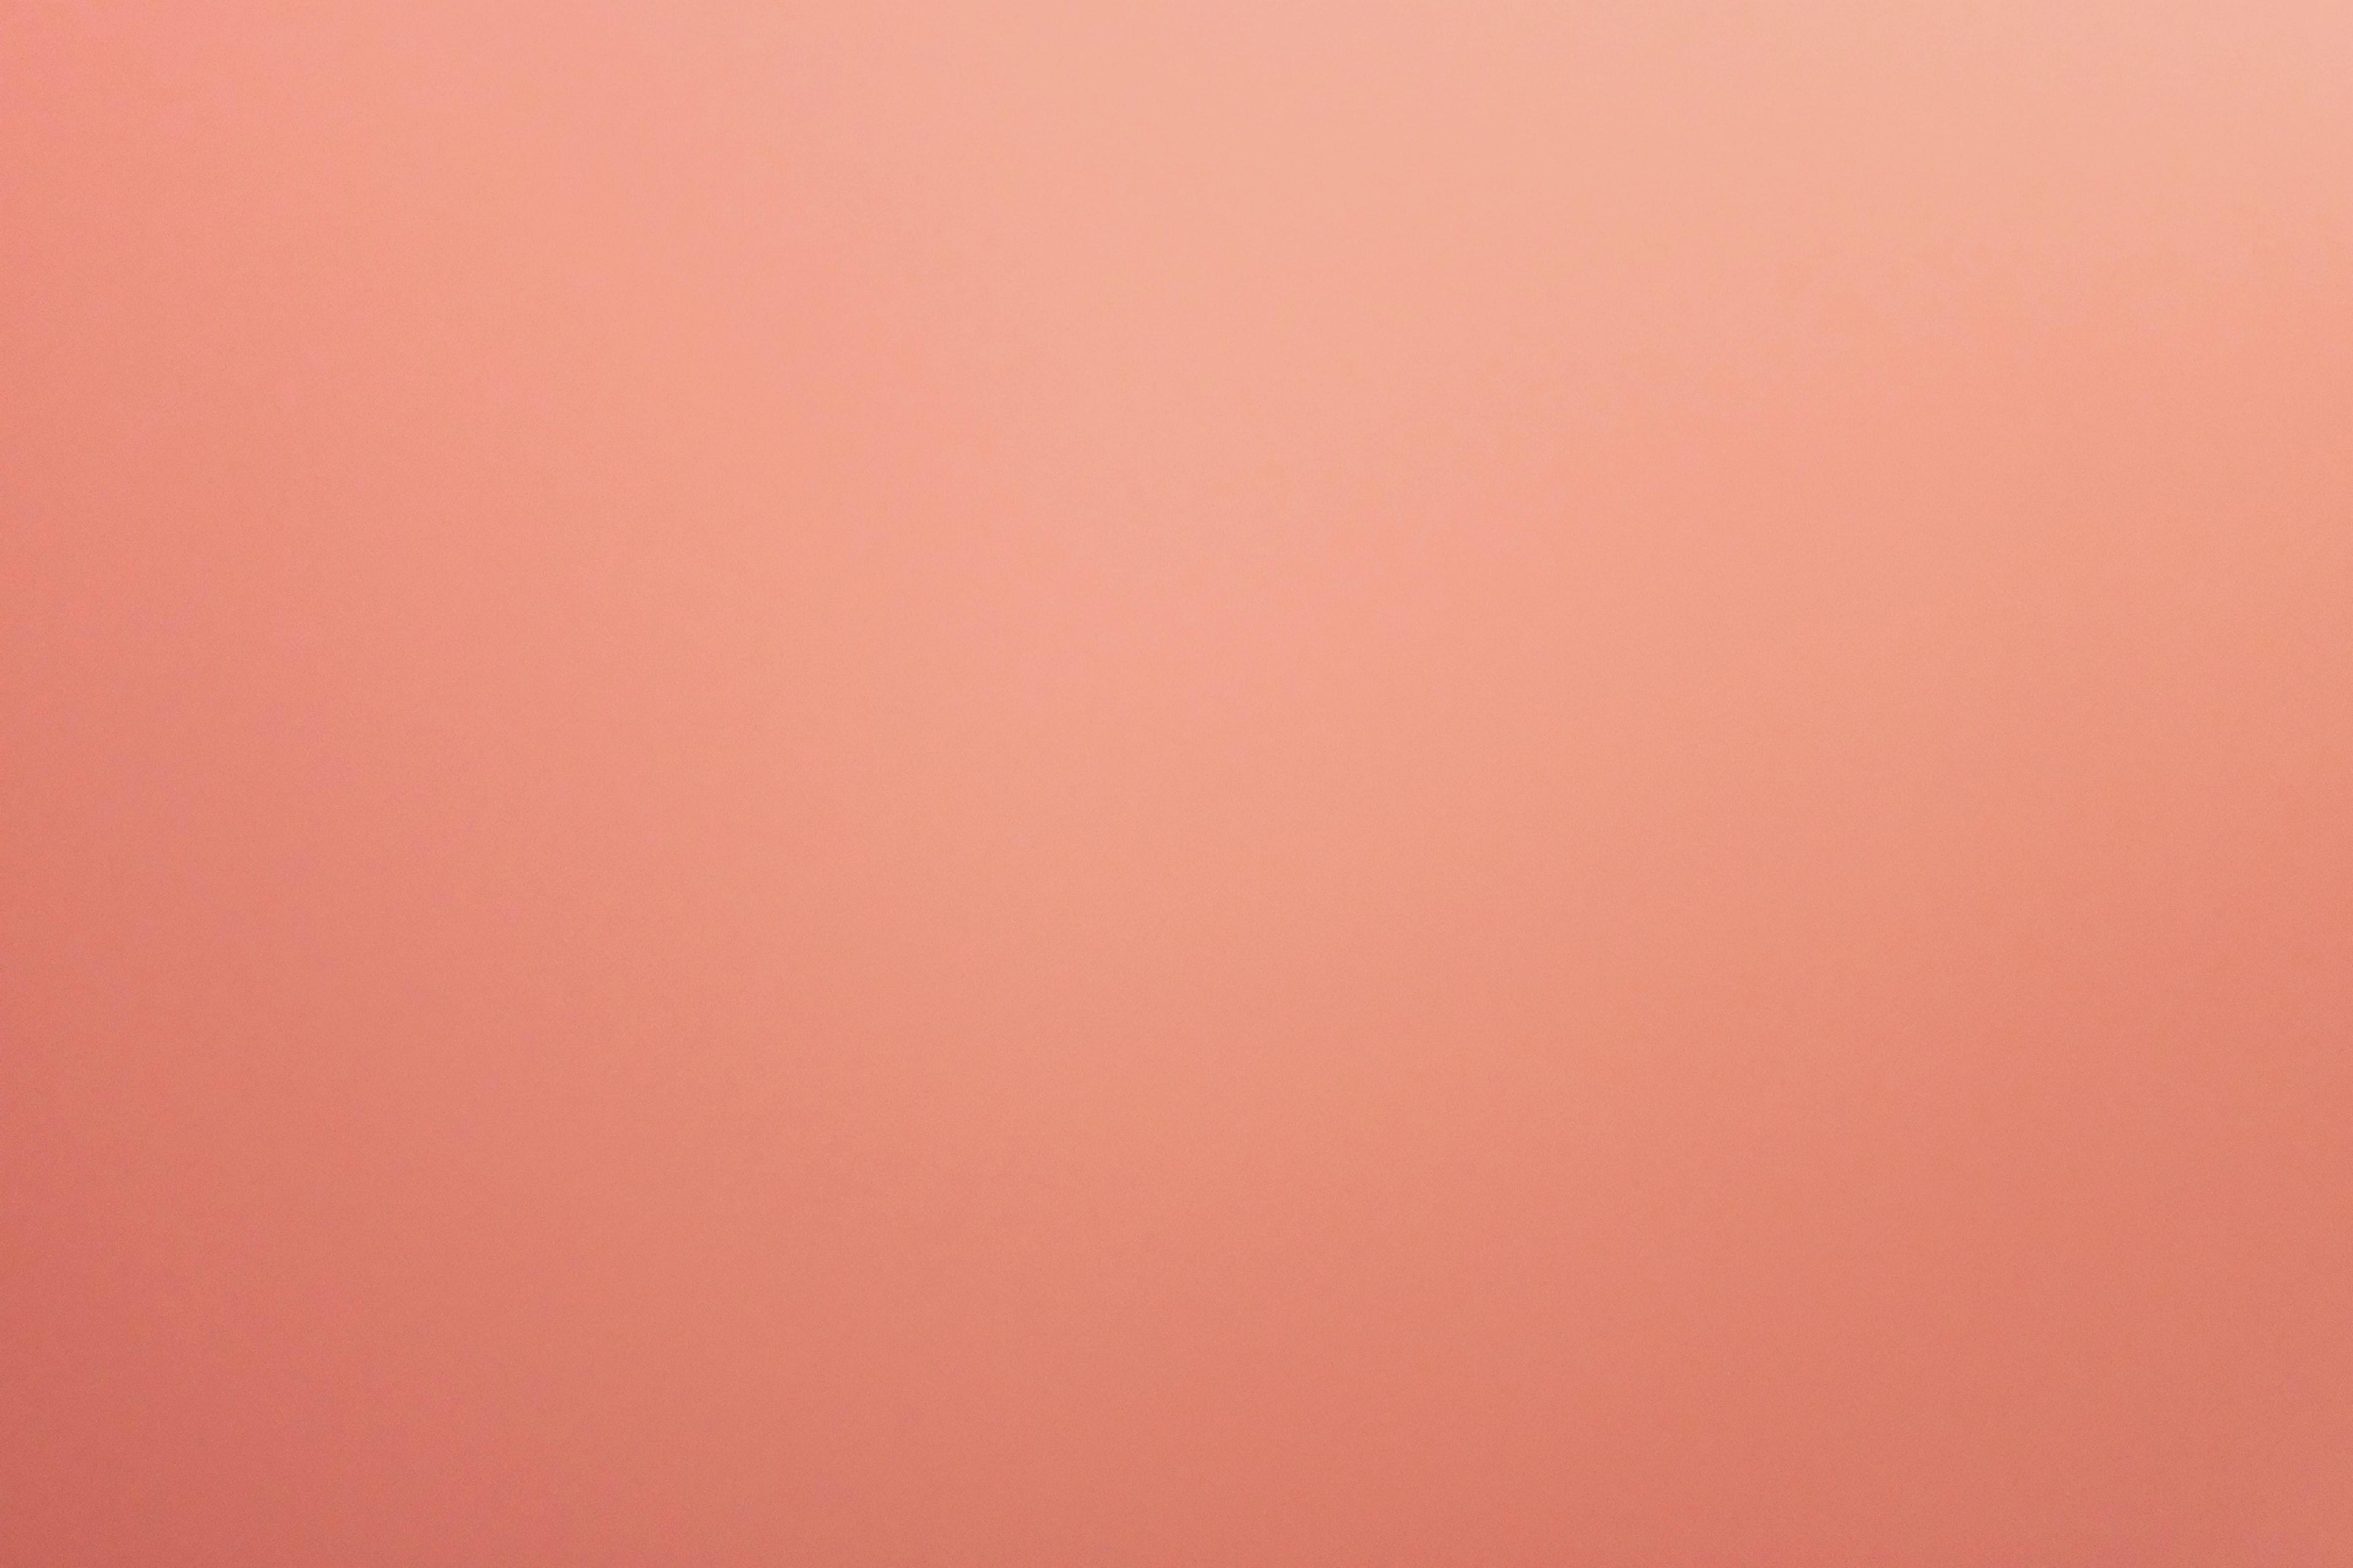 Background_blog_getaccept_pink